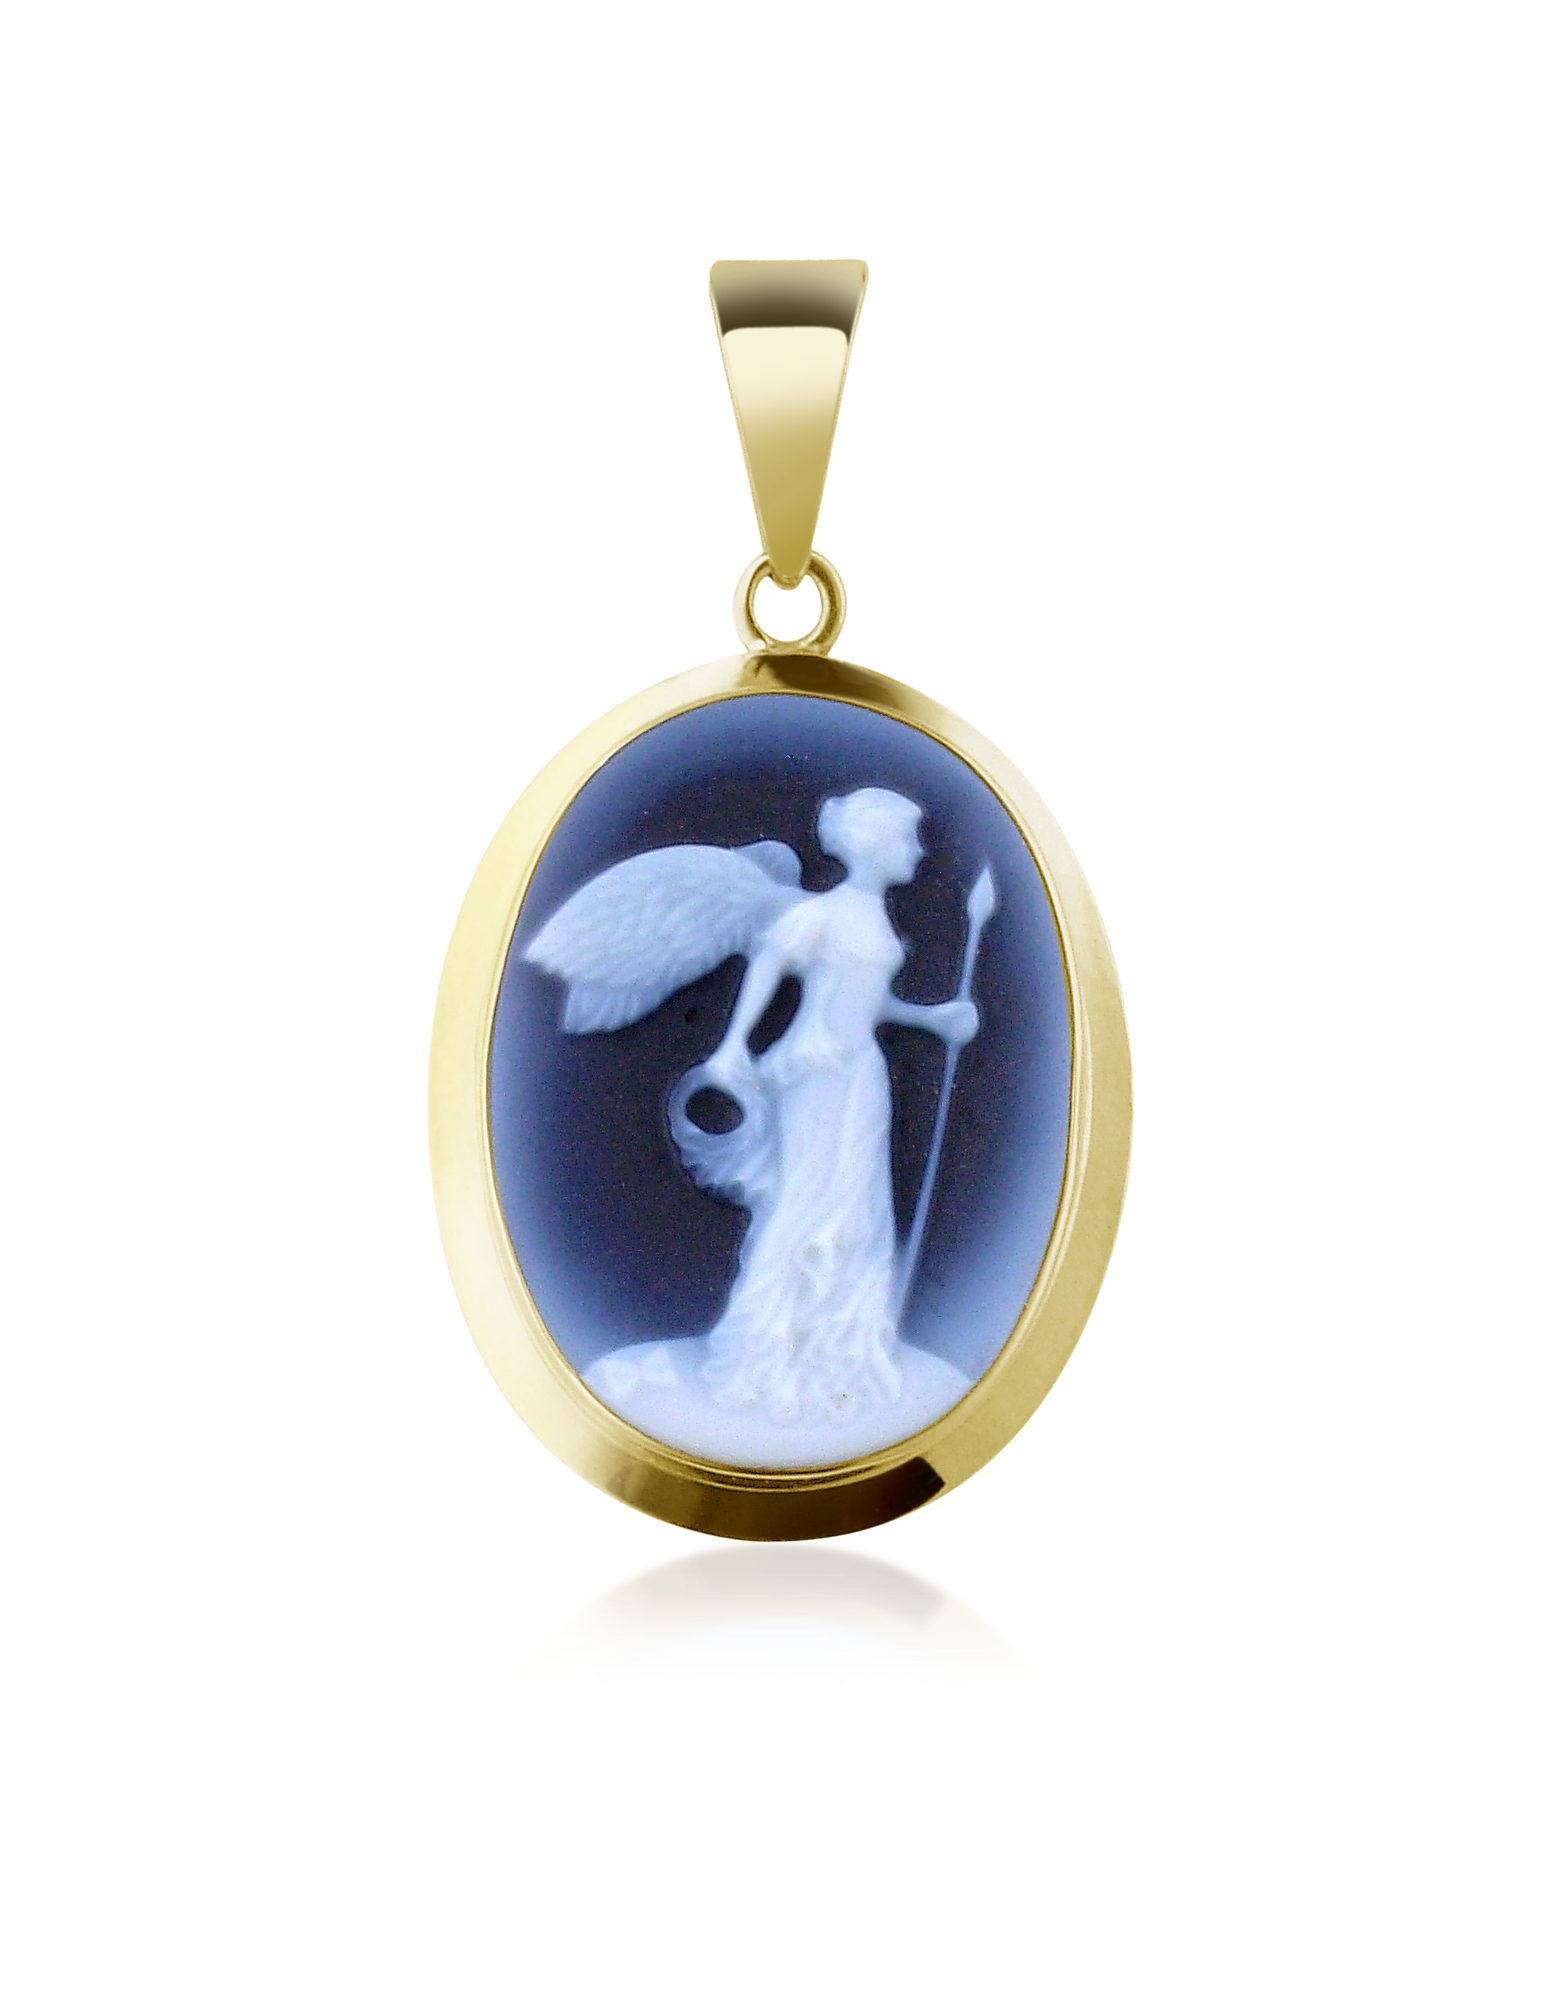 Del Gatto Designer Necklaces, Winged Victory Agate Stone Cameo Pendant